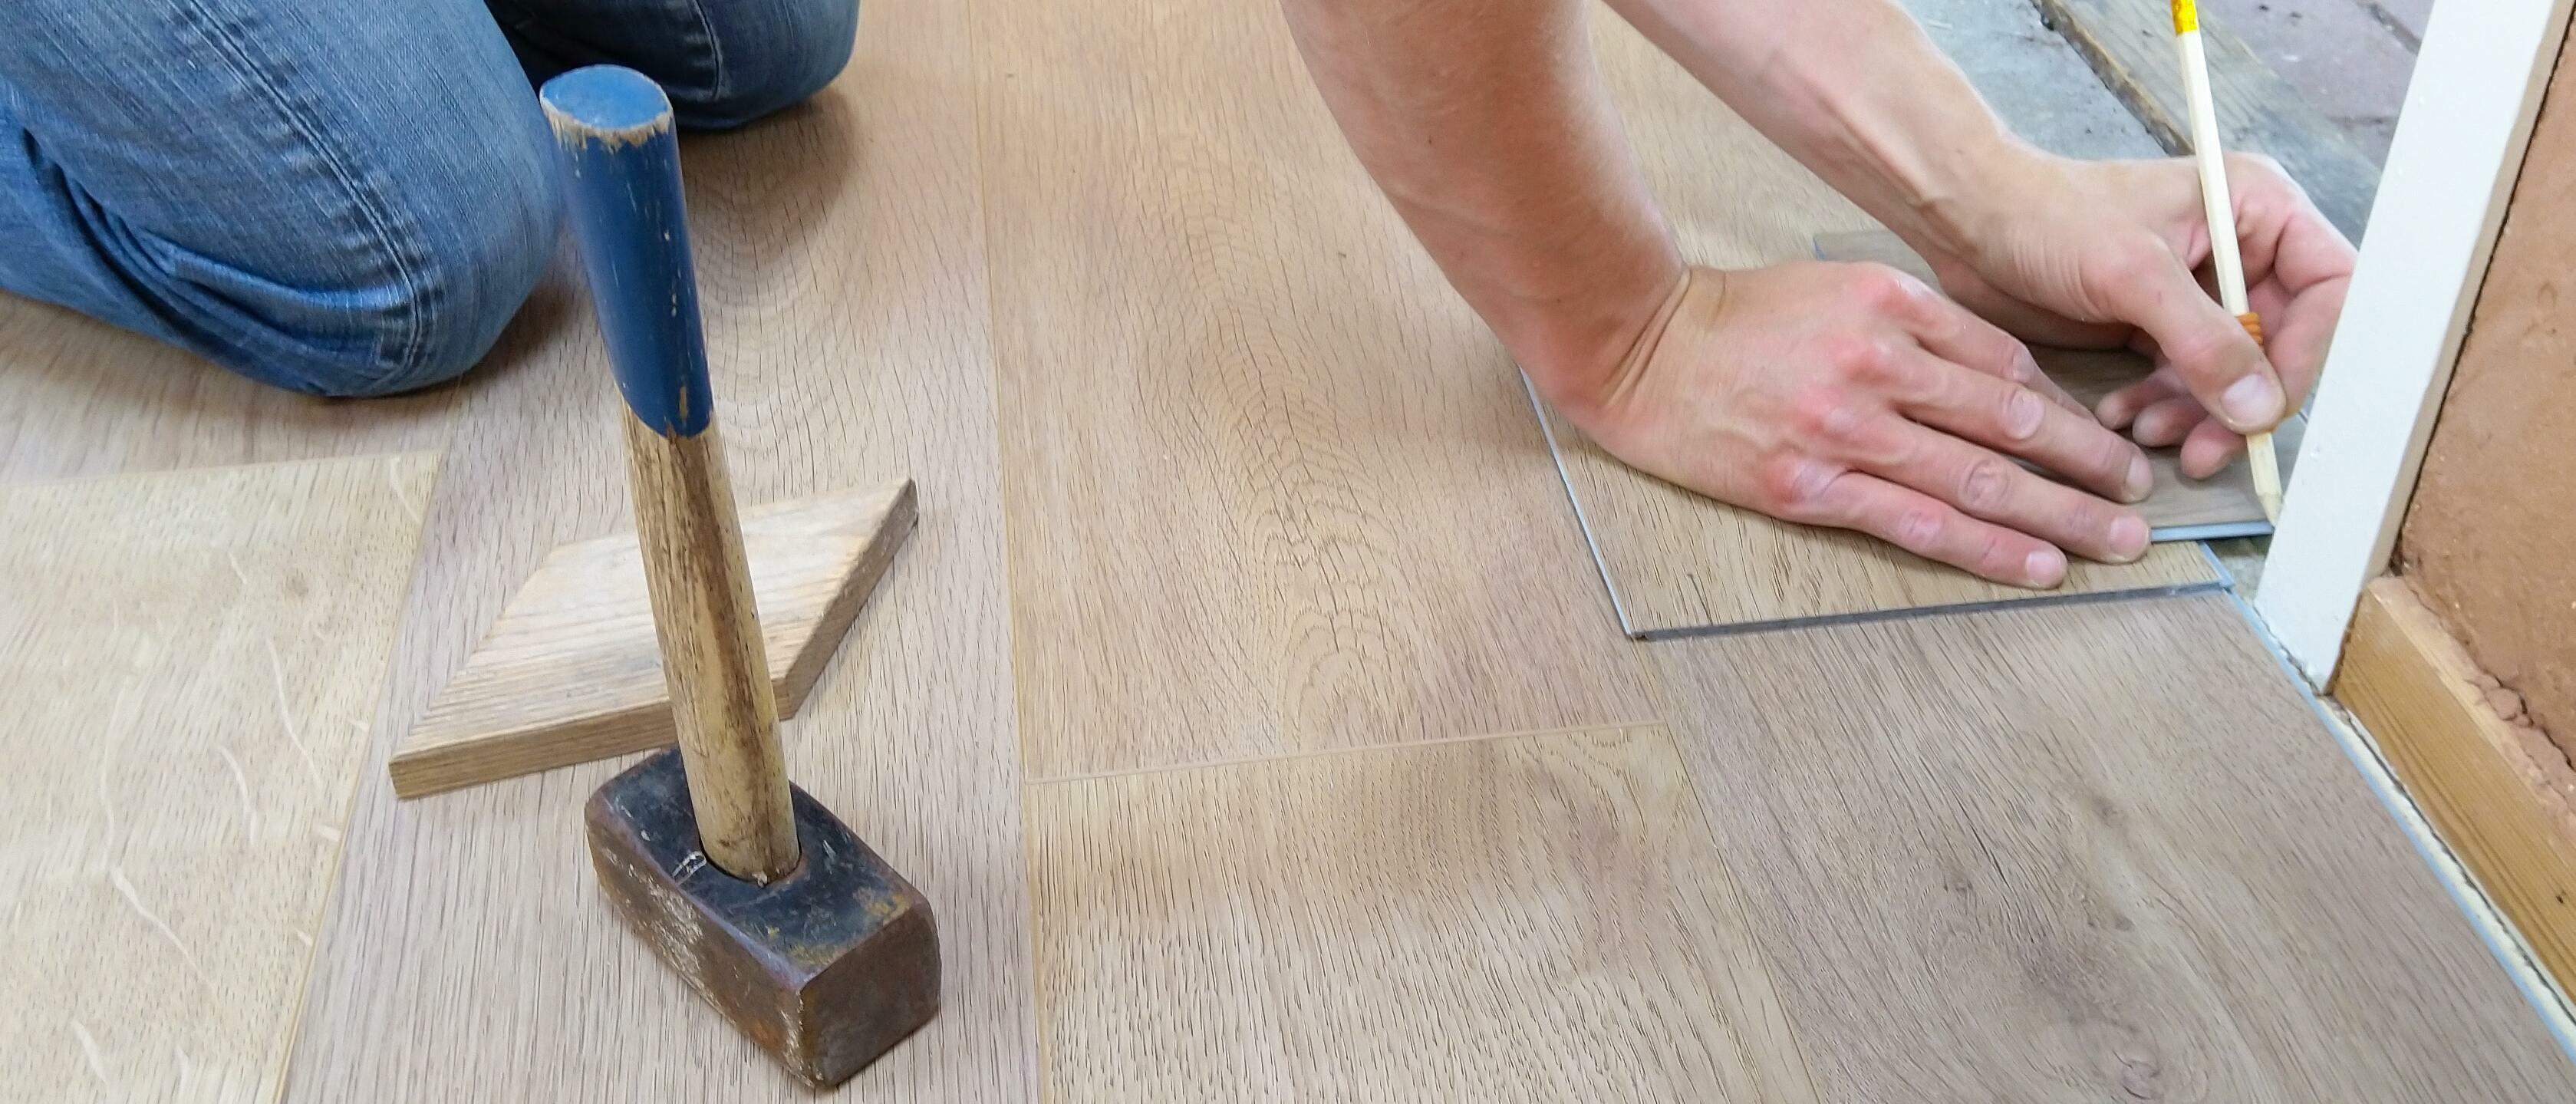 Poll van de week: Met welk materiaal heb jij de vloer geïsoleerd?